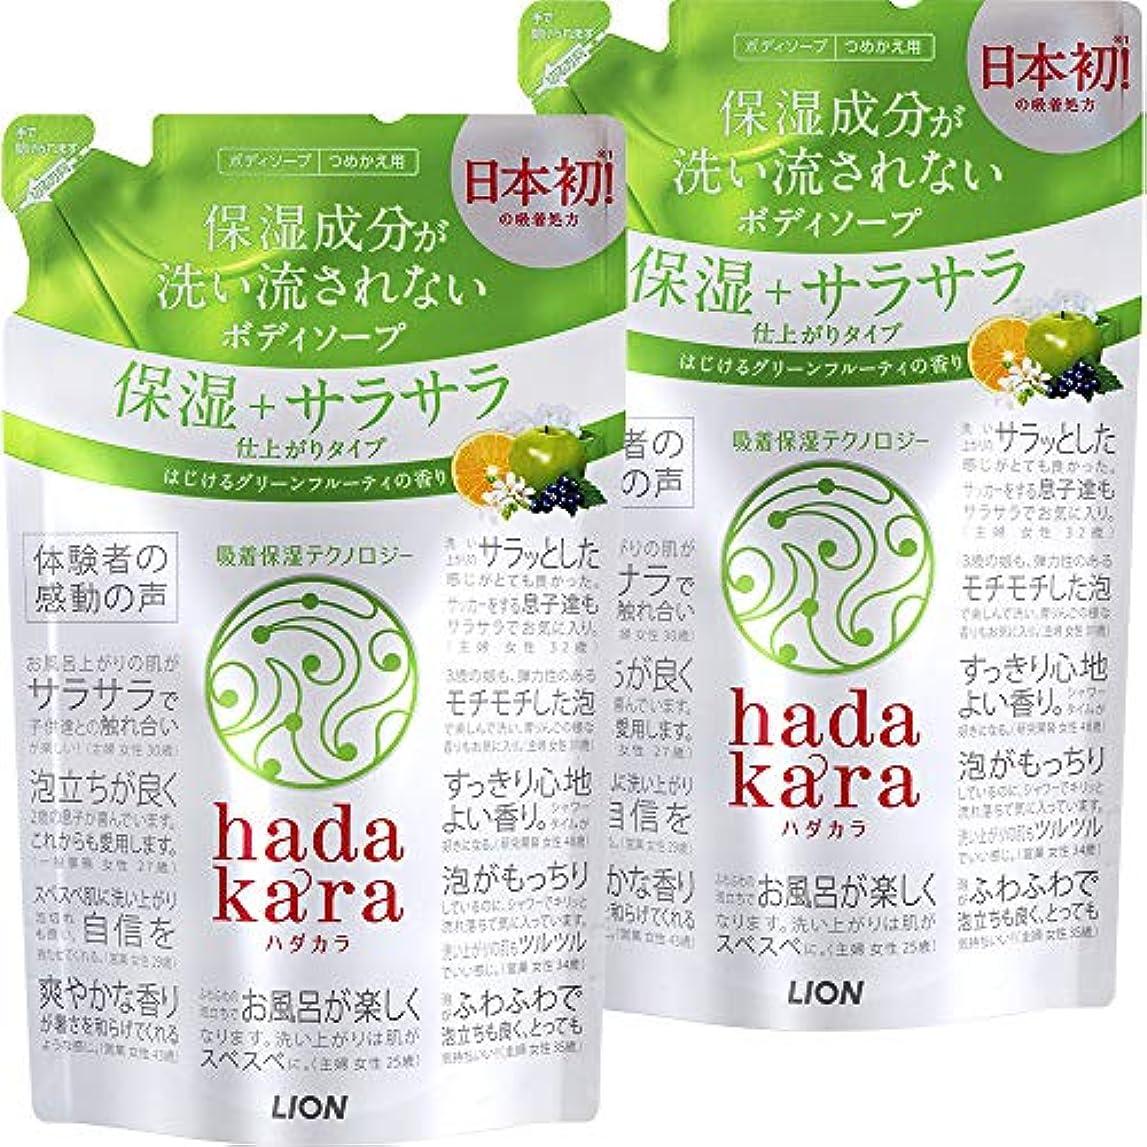 離す同種の関係する【まとめ買い】hadakara(ハダカラ) ボディソープ 保湿+サラサラ仕上がりタイプ グリーンフルーティの香り 詰め替え 340ml×2個パック